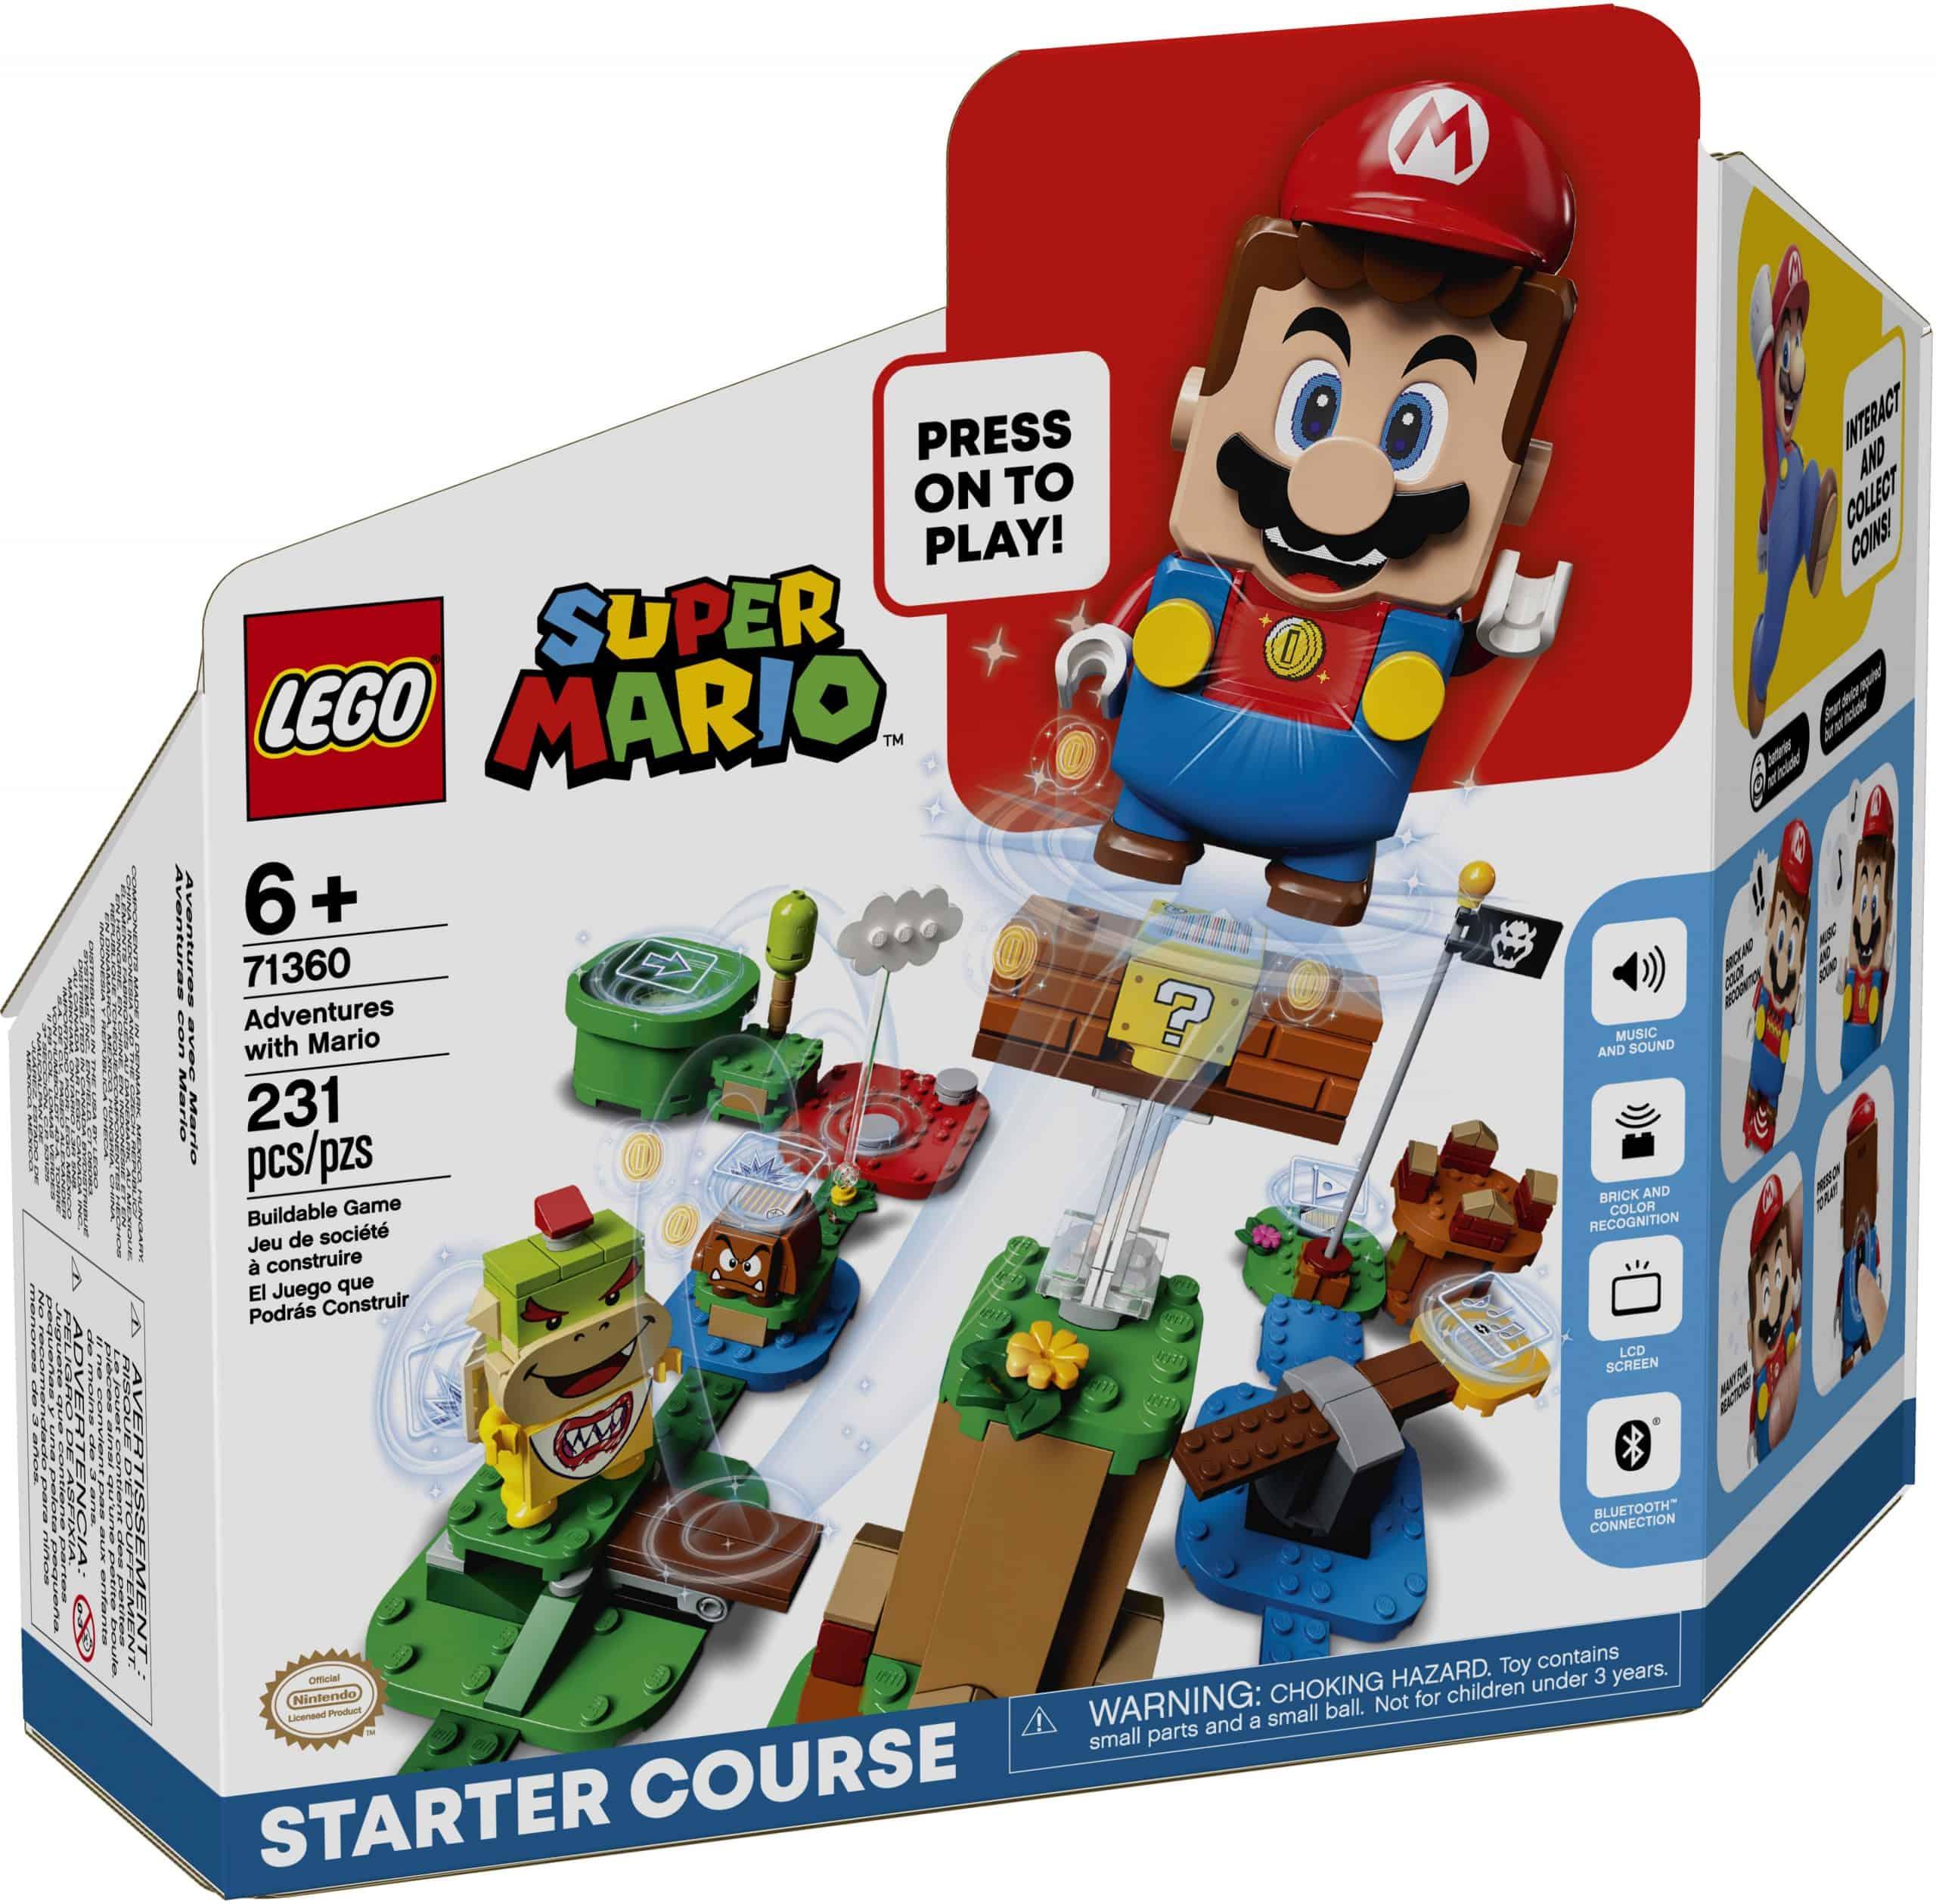 LEGO 71360 Avonturen met Mario startset